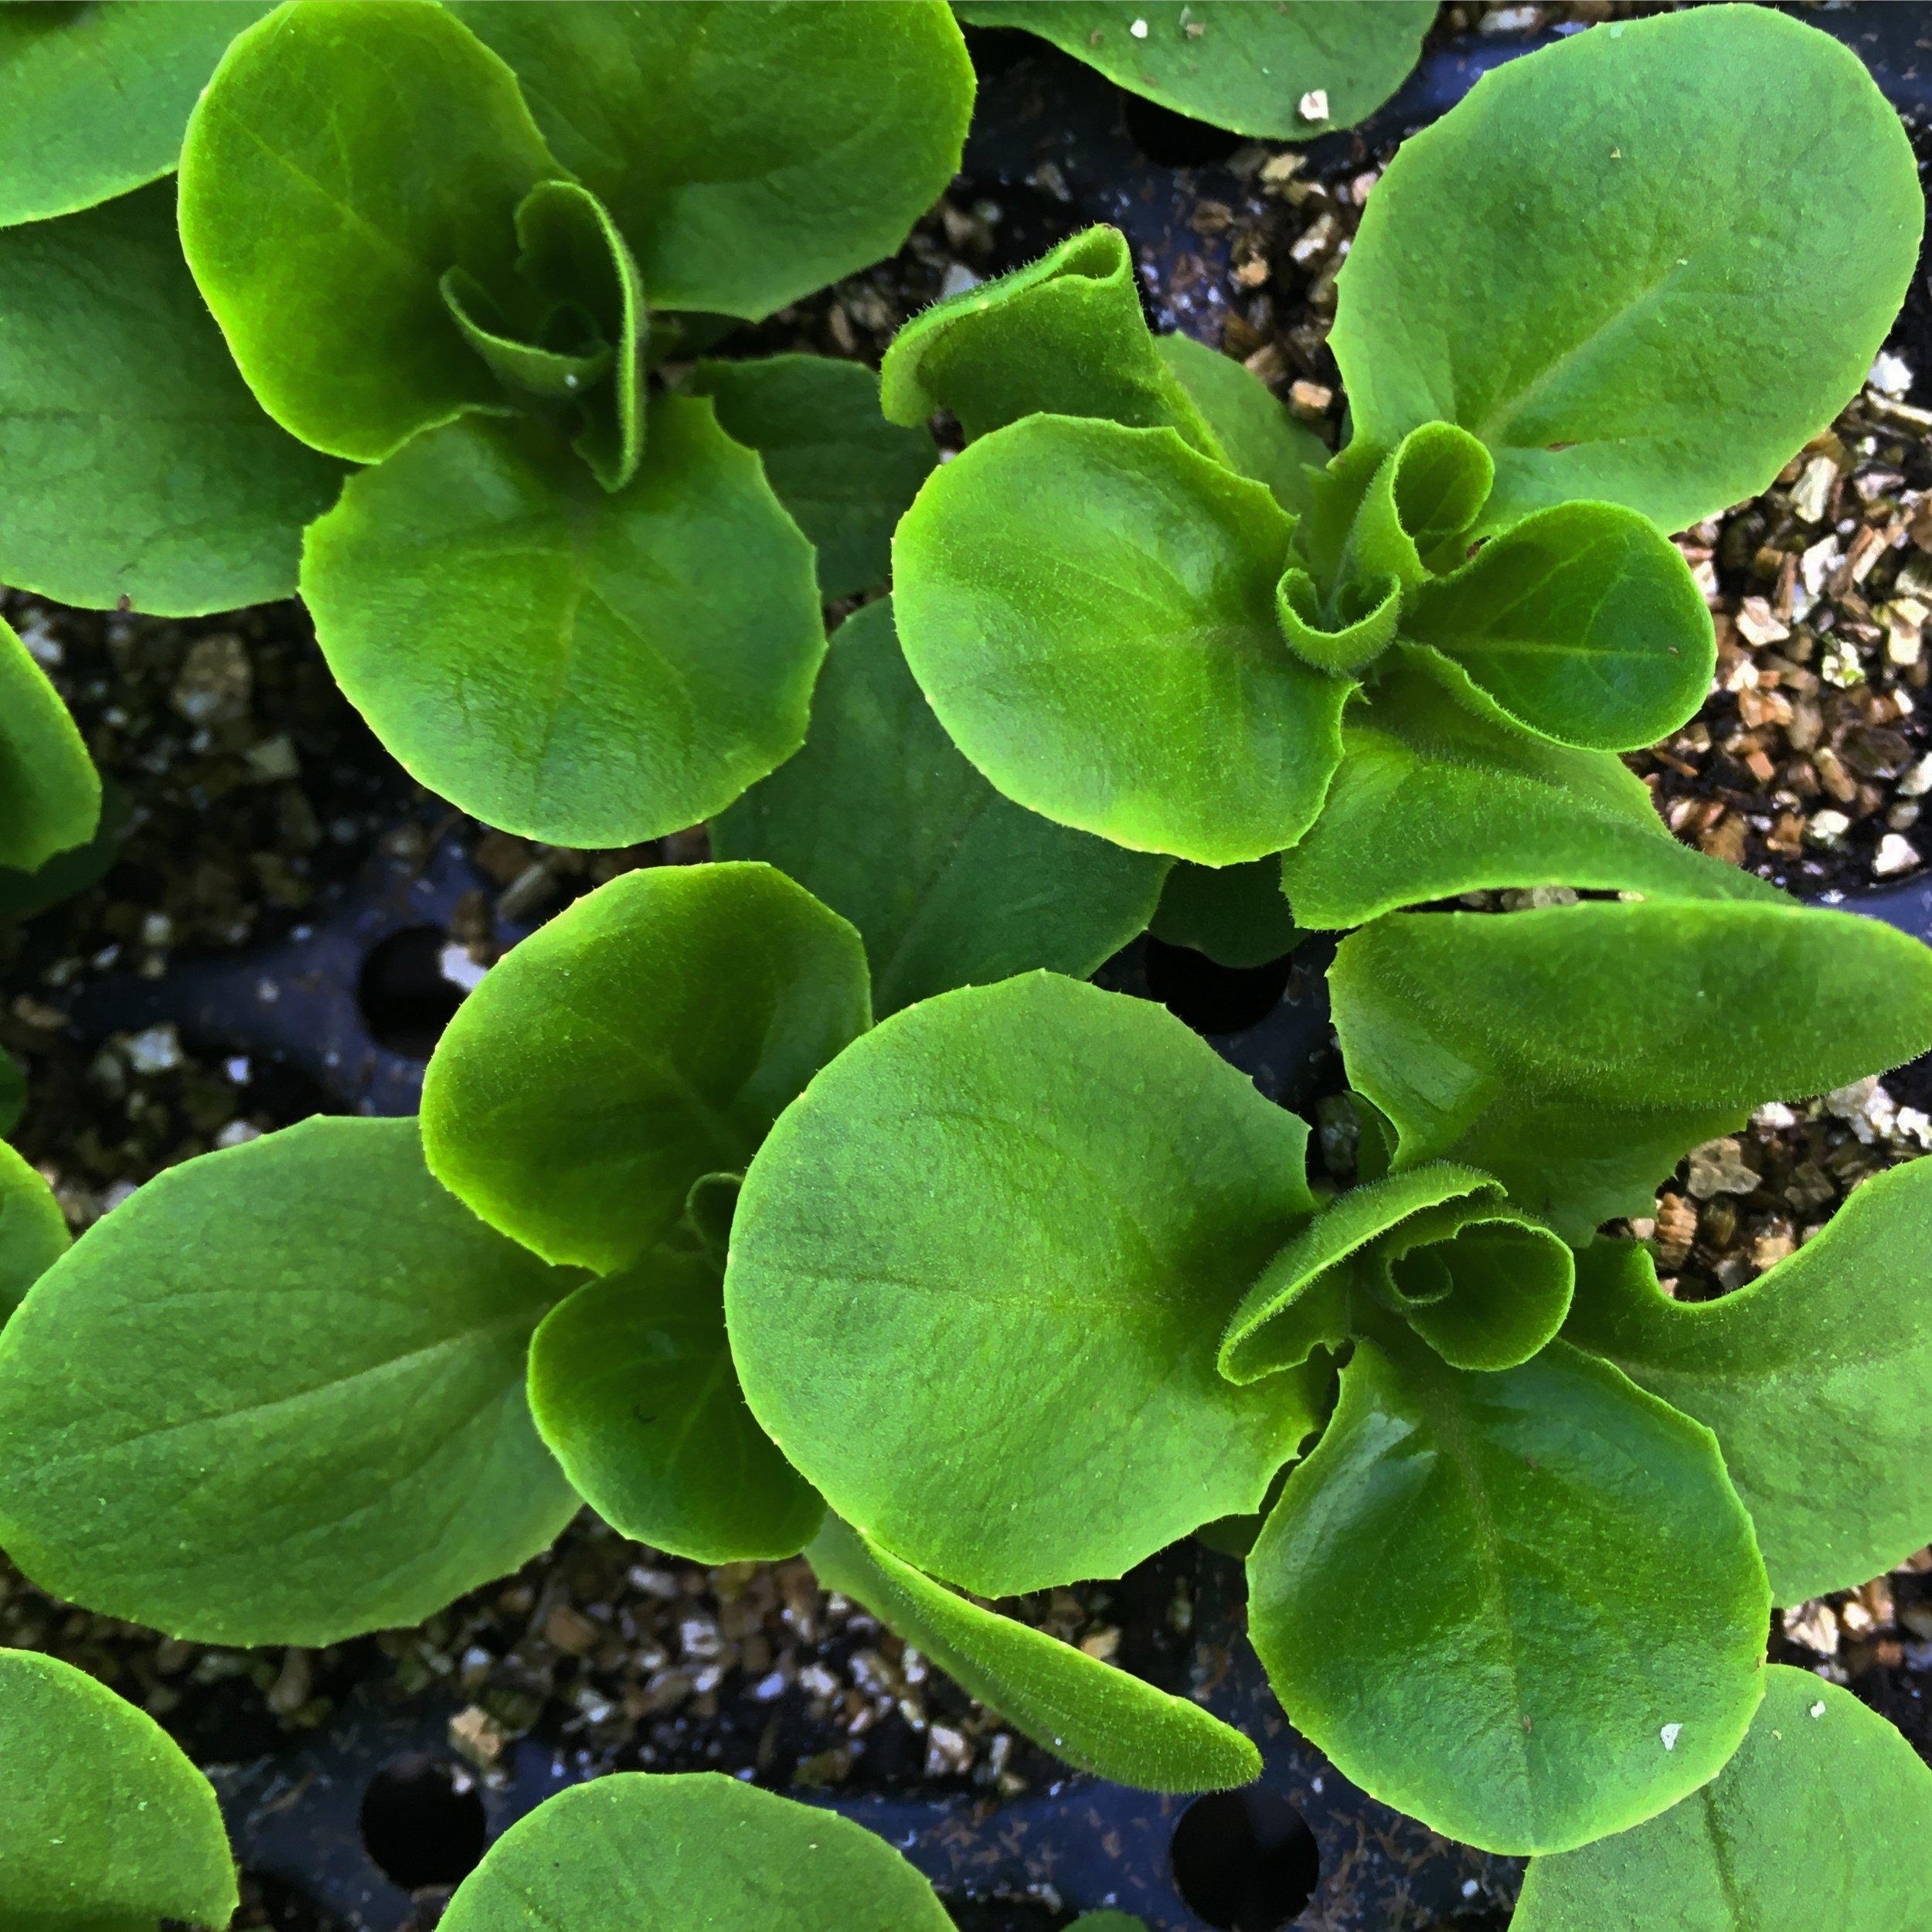 Helsing Junction Farms CSA lettuce starts